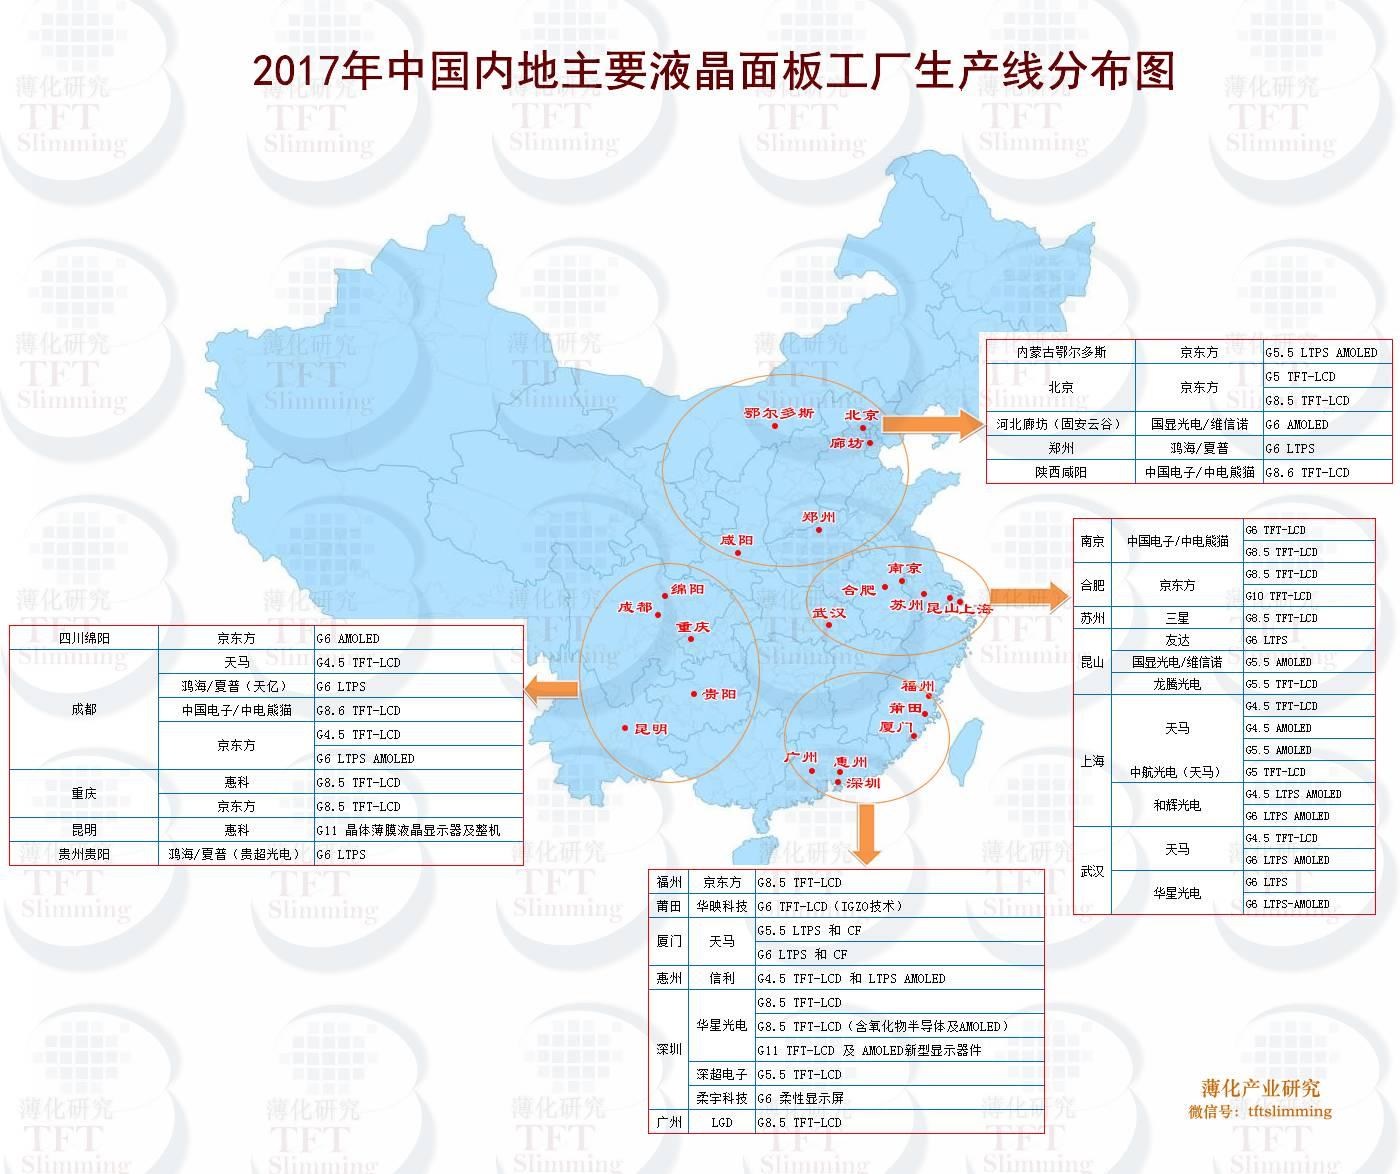 韩国株式会社_2017年中国内地主要液晶面板工厂生产线分布和介绍